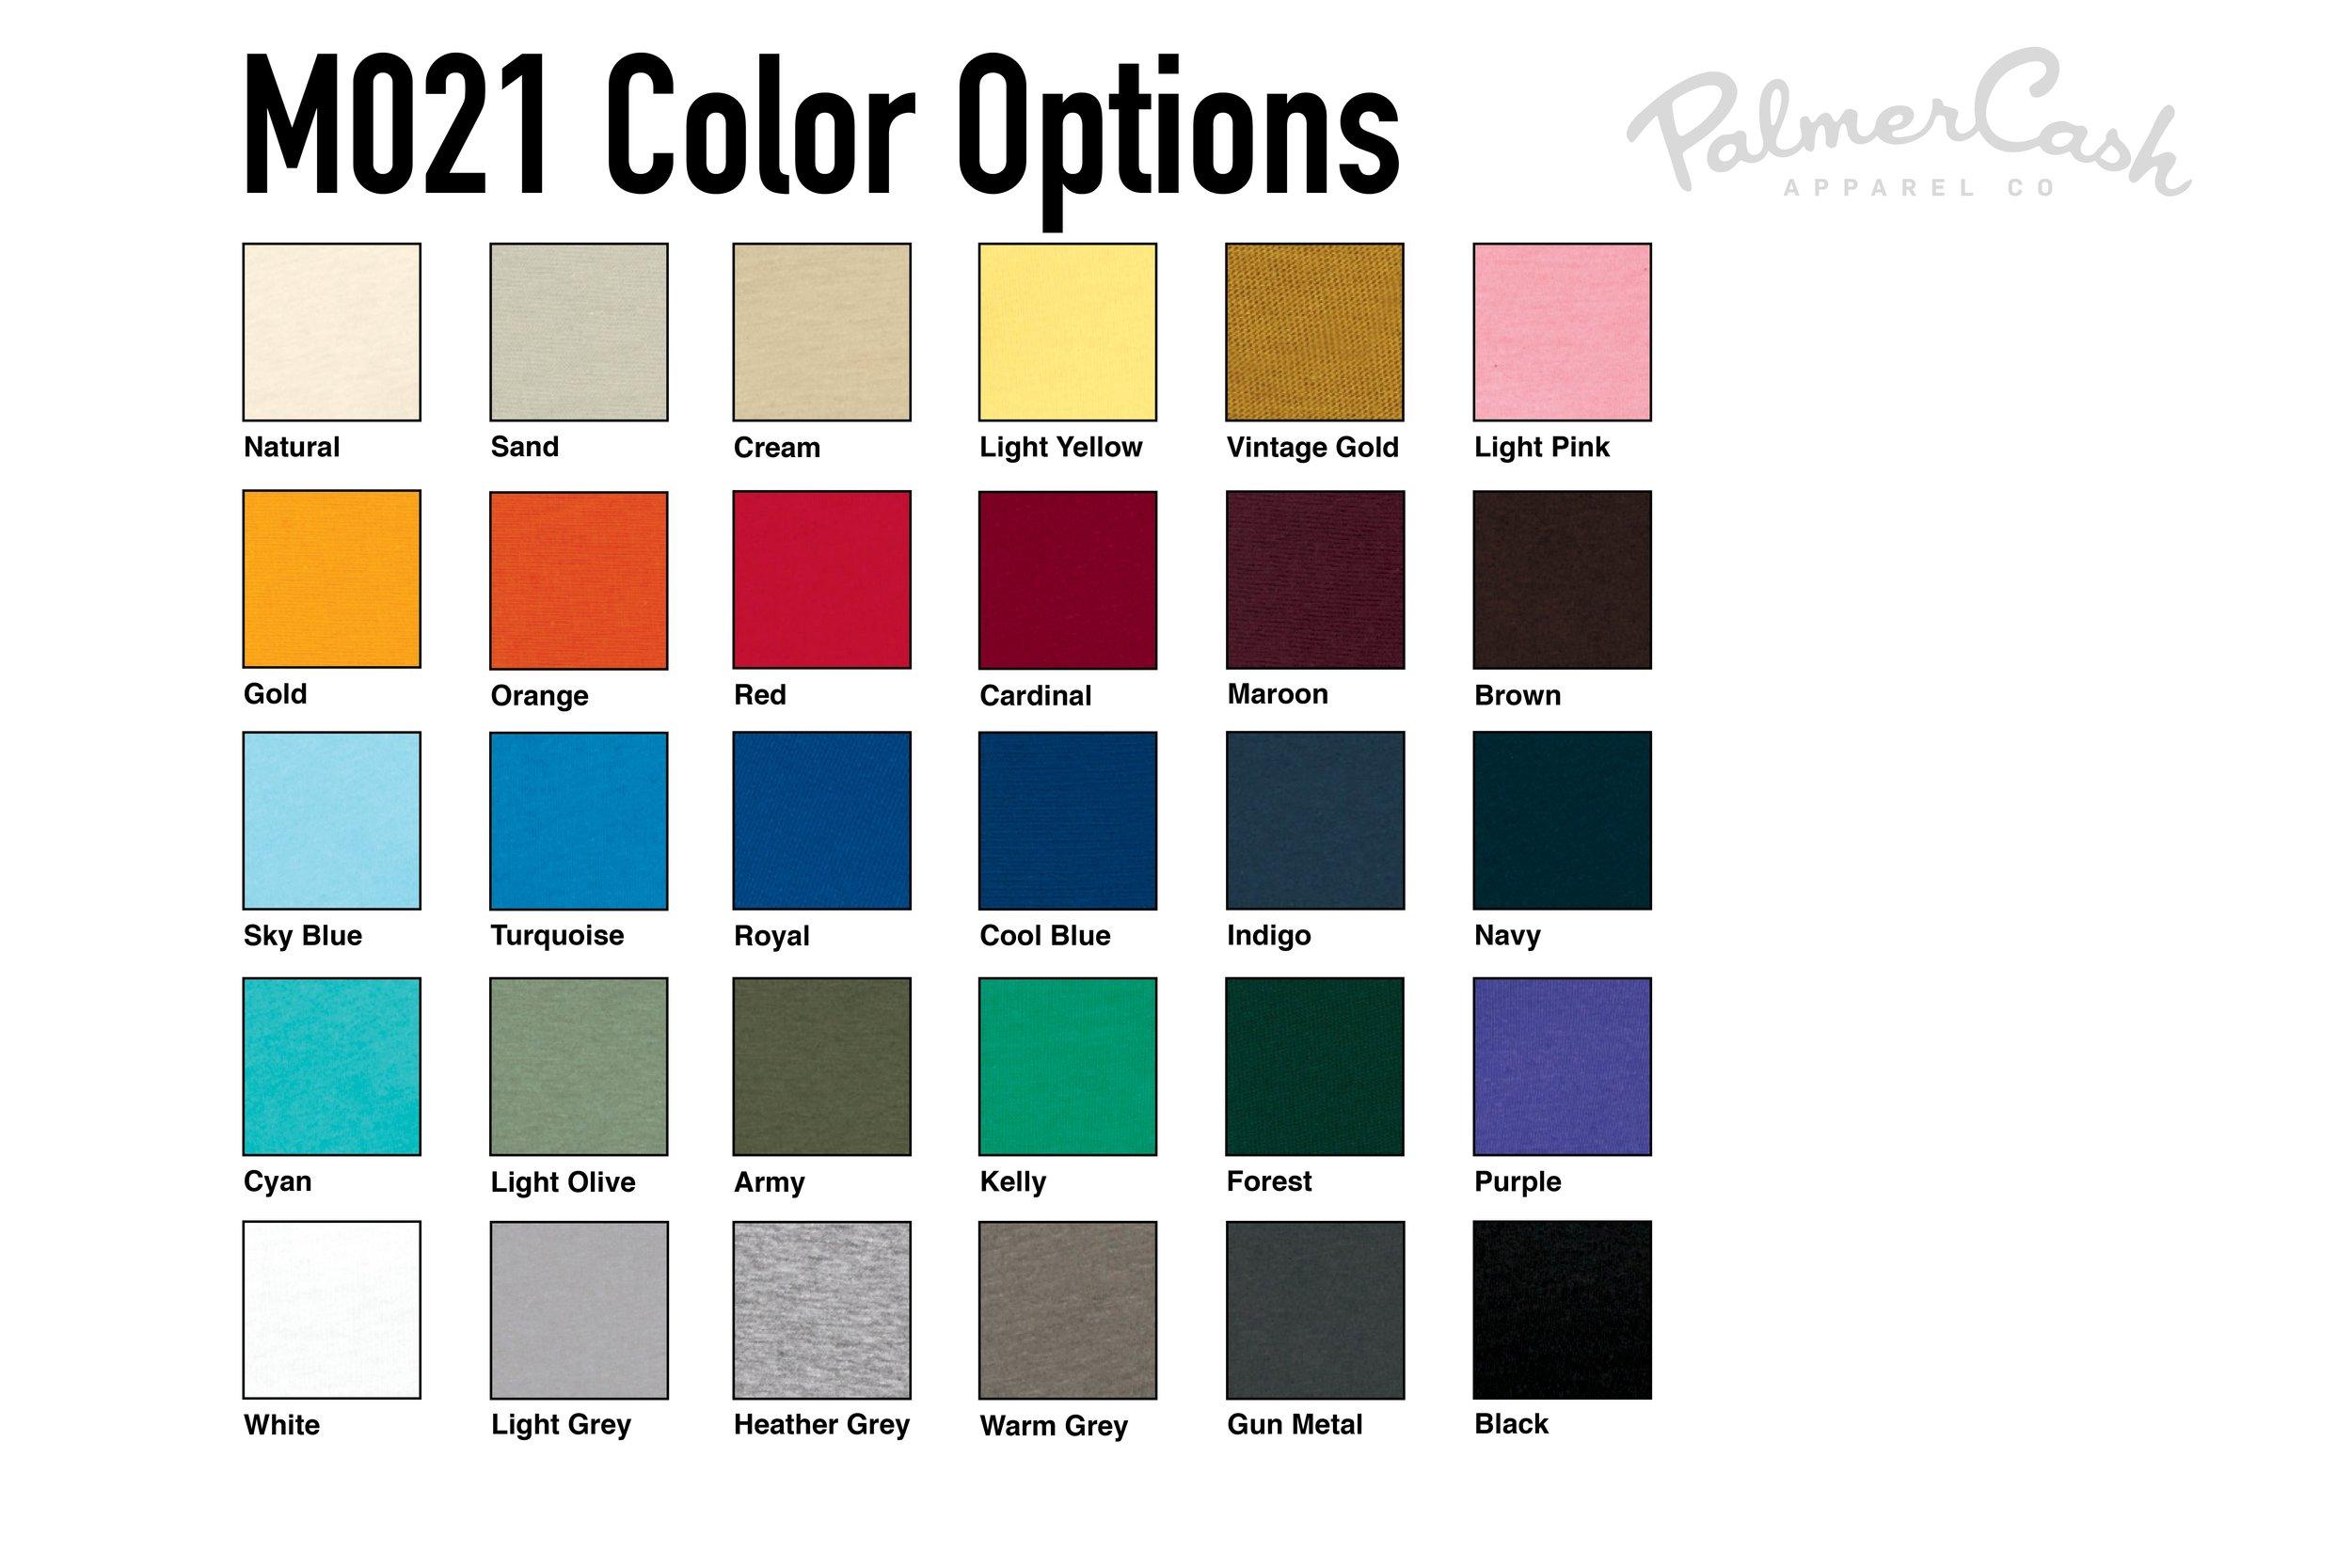 PC_M021_Color_Options_Web-01.jpg